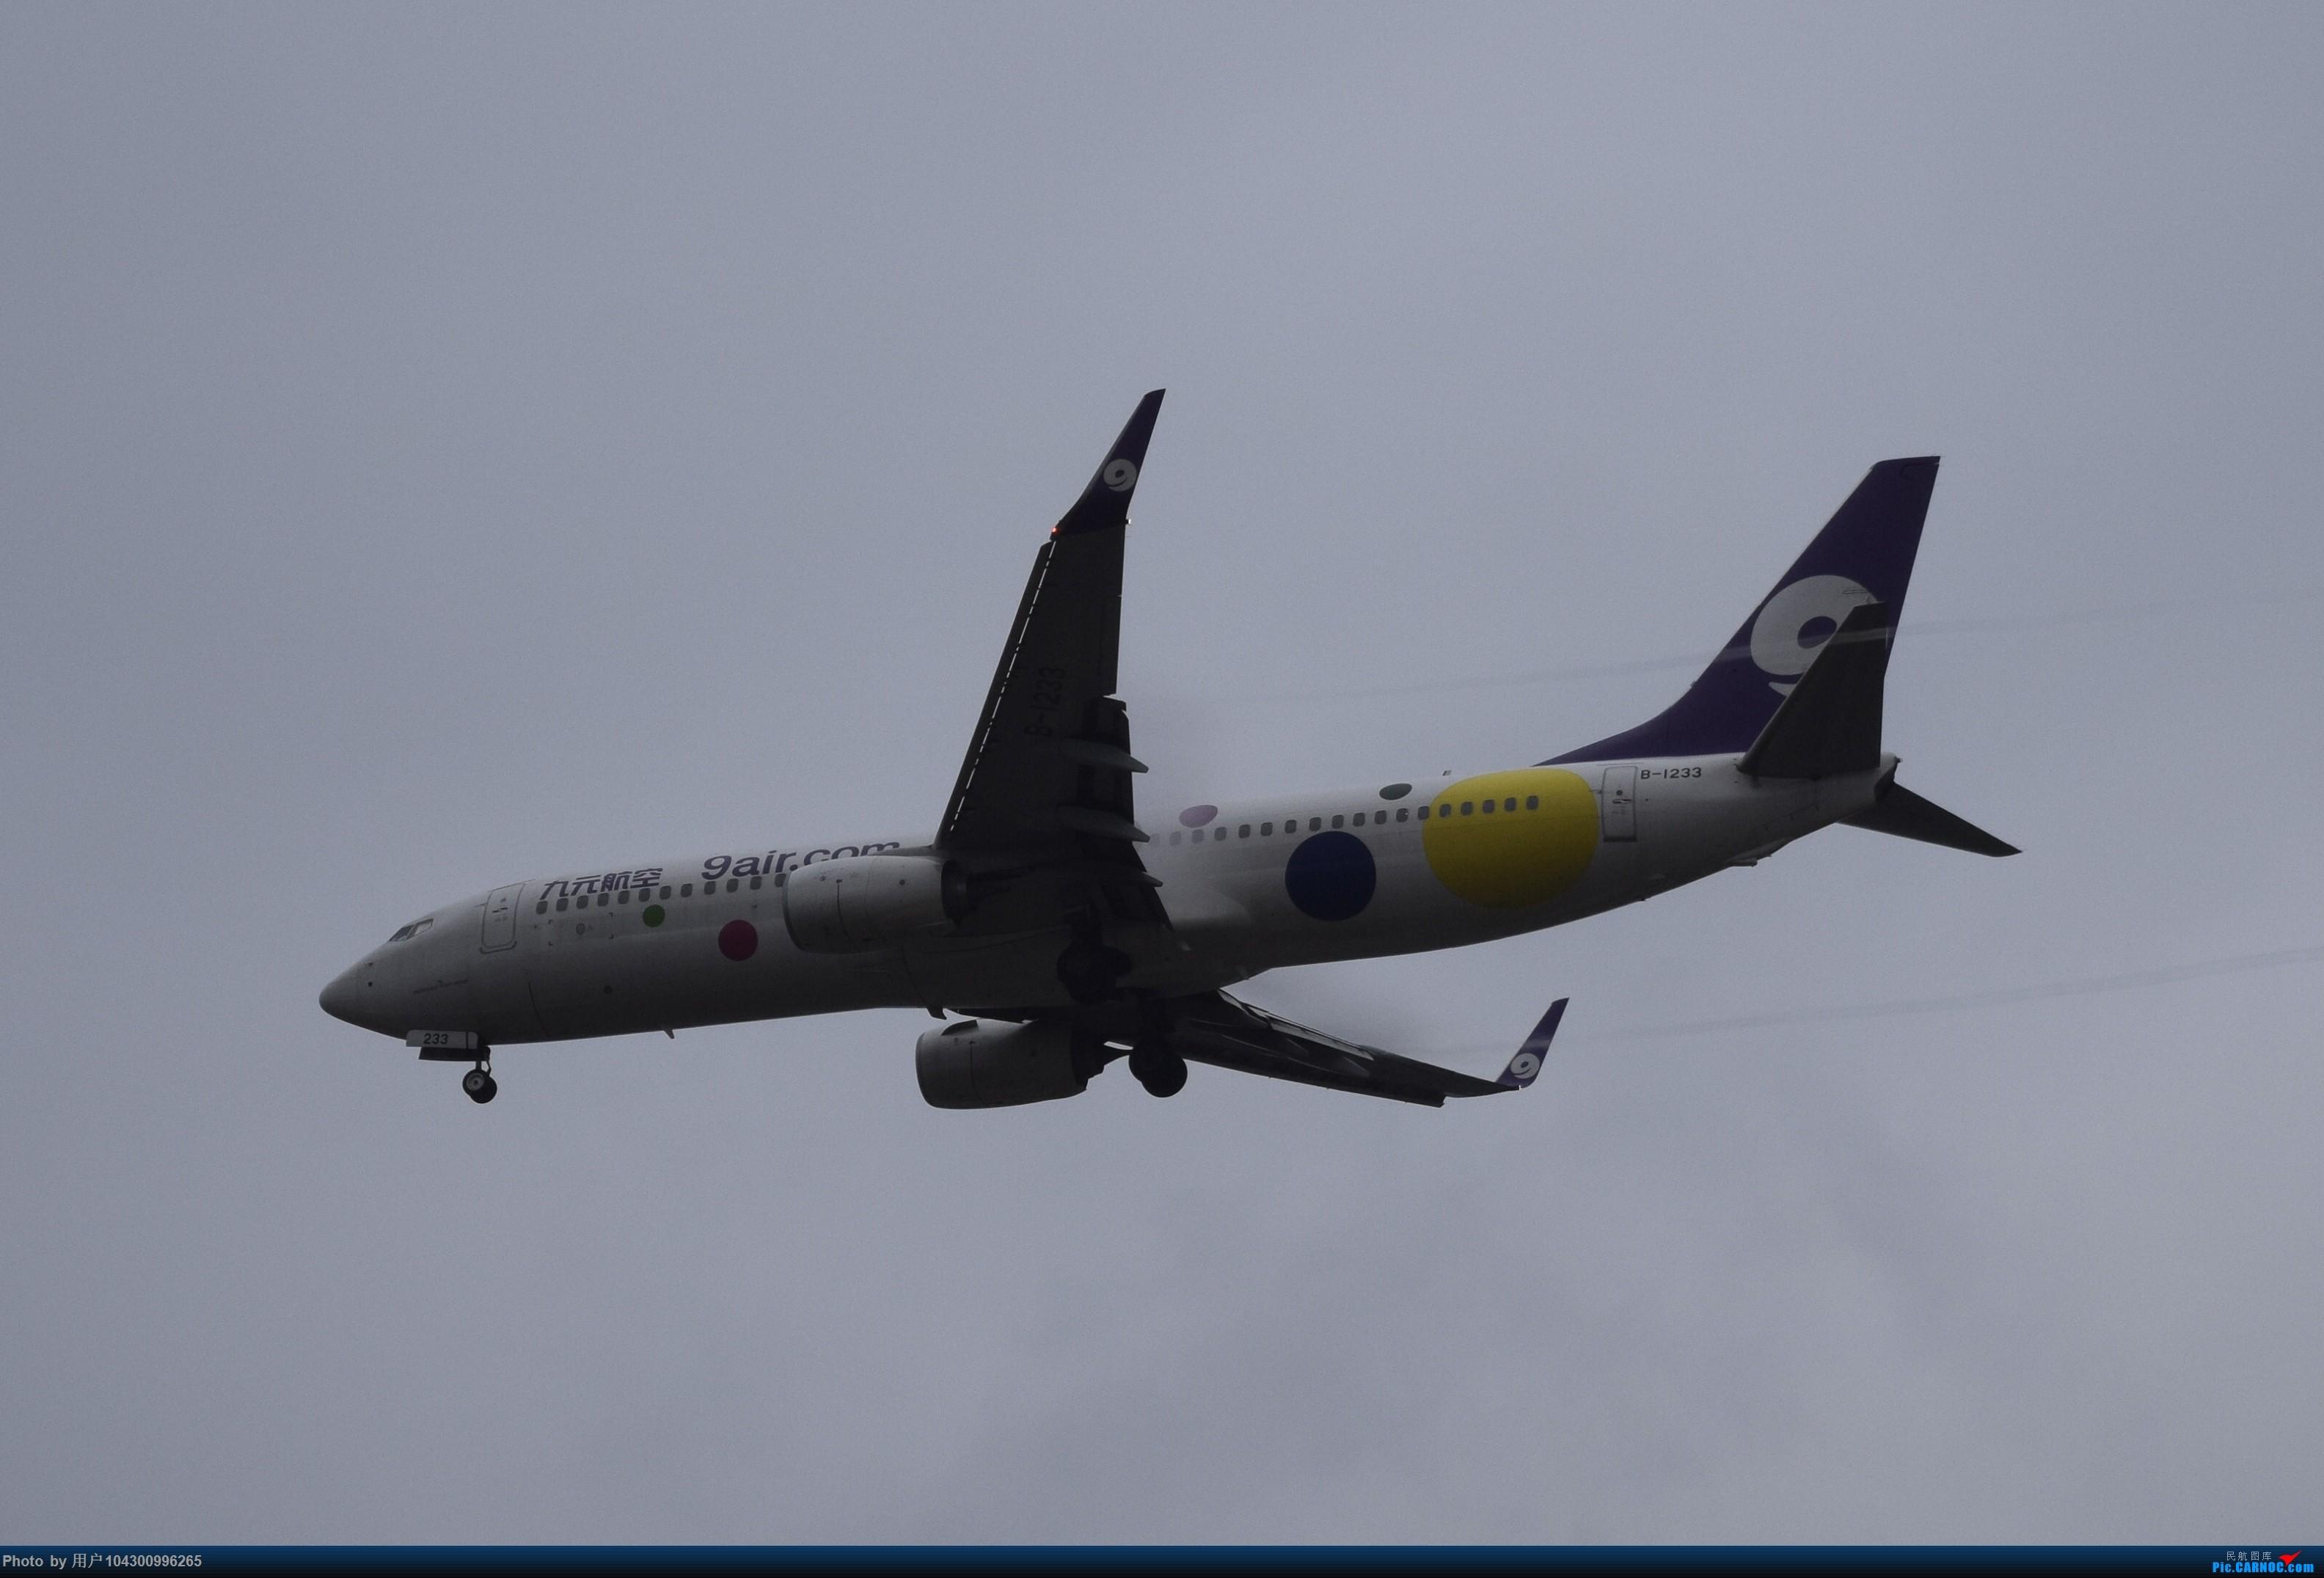 Re:[原创]乌云、雨雾之中的贵阳龙洞堡 BOEING 737-800 B-1233 中国贵阳龙洞堡国际机场